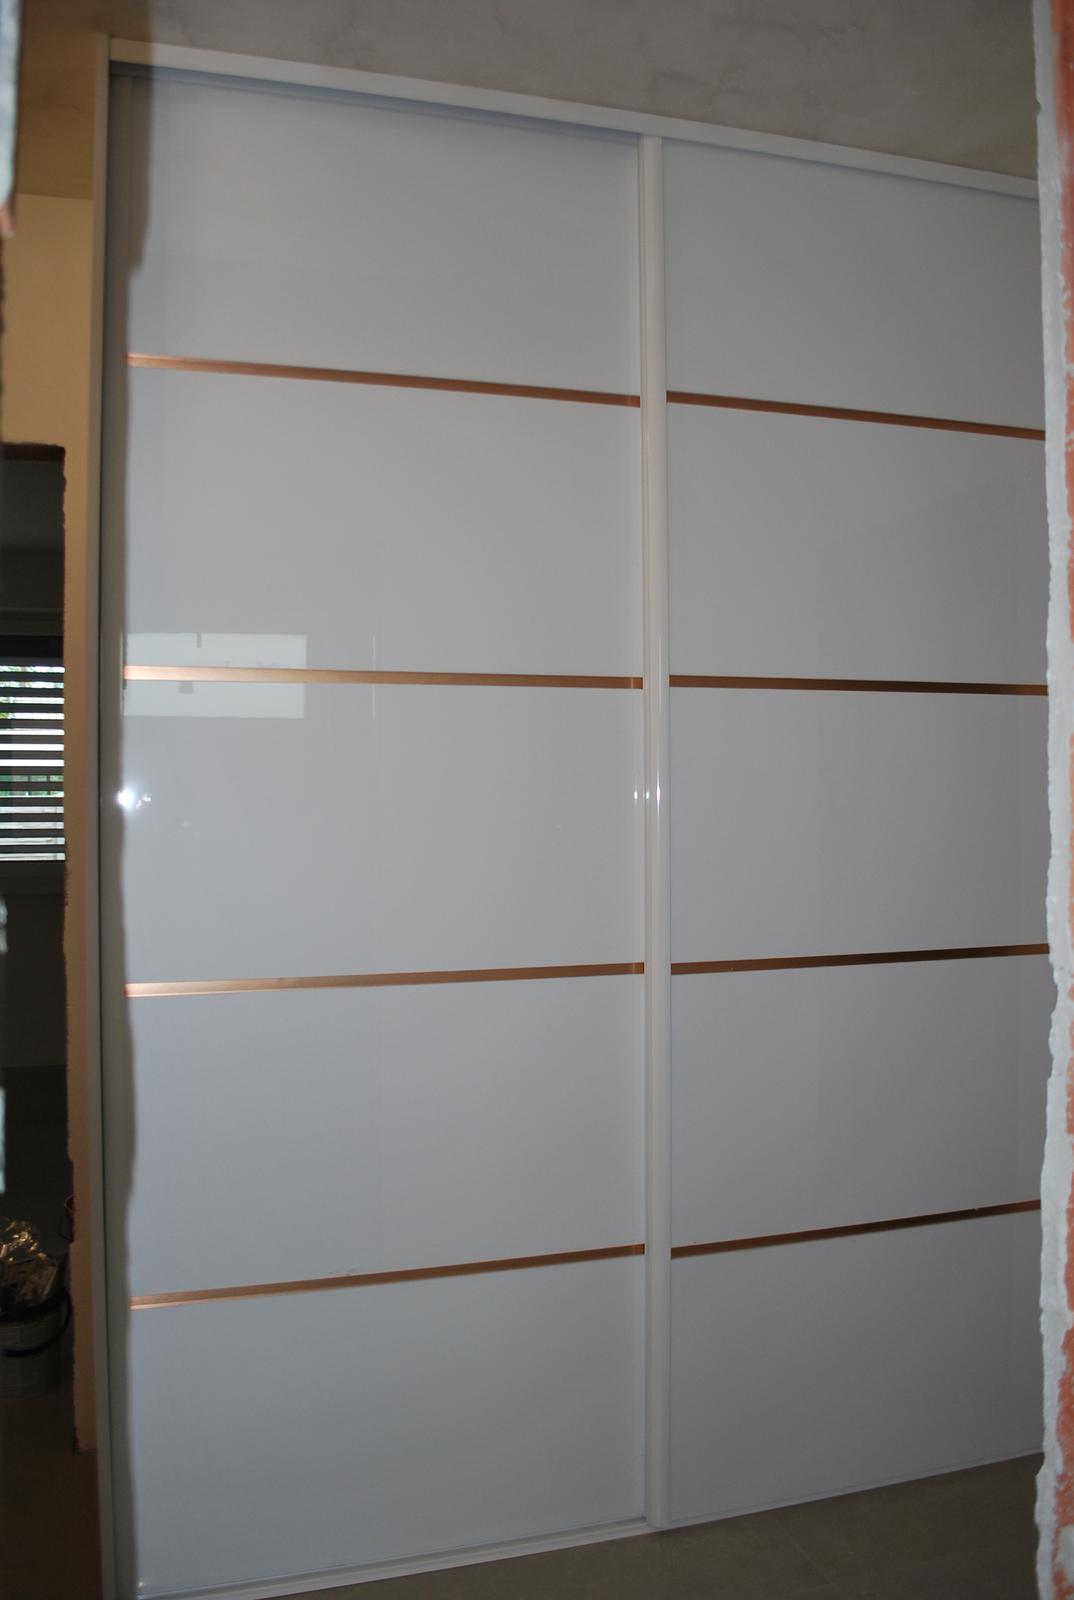 Ďalšie vstavané skrine - Vstavaná skriňa biela lesklá / copper brush